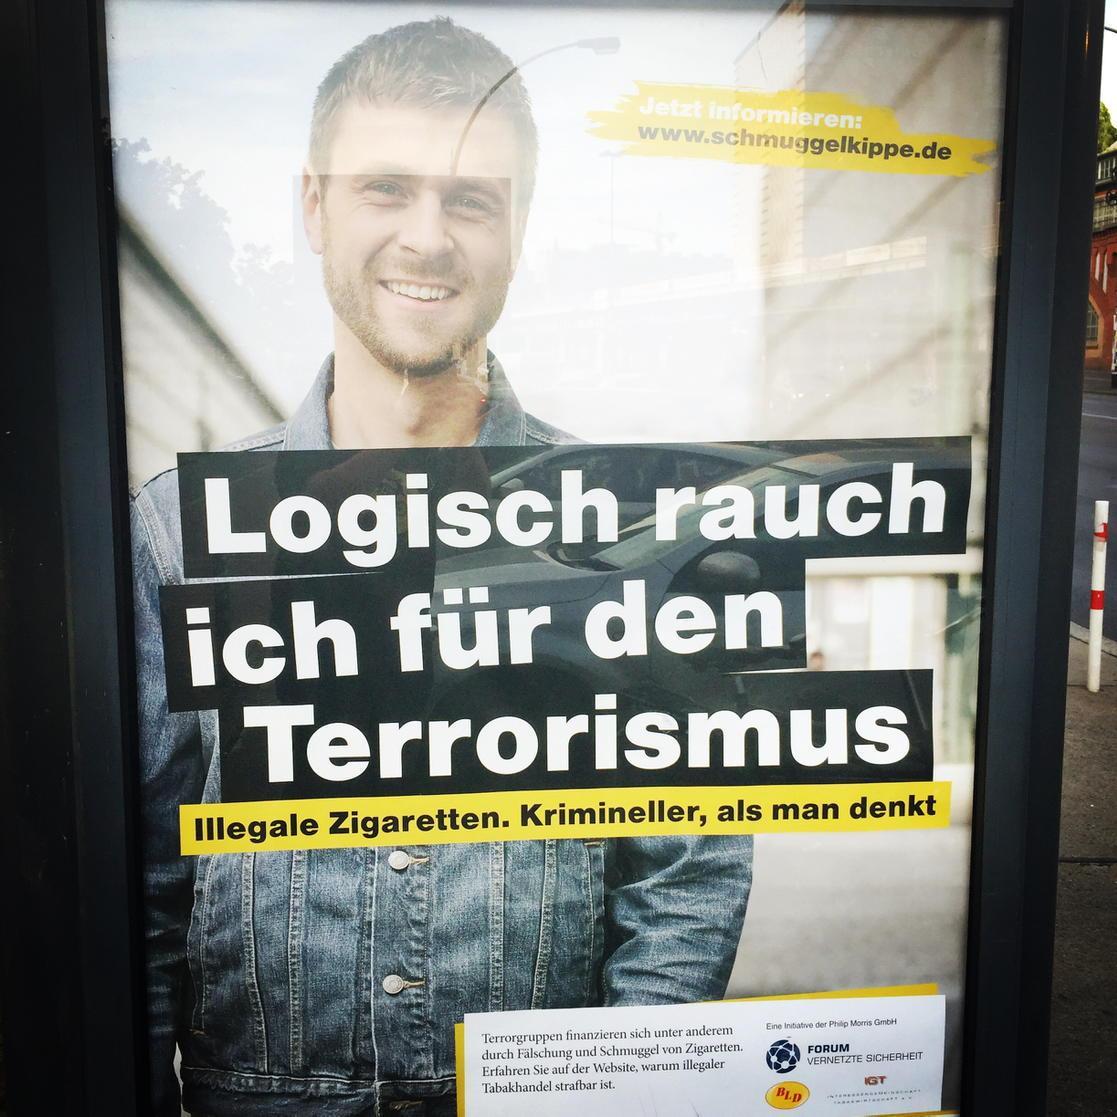 Staatstrojaner gegen Terrorismus oder Zigarettenschmuggel?